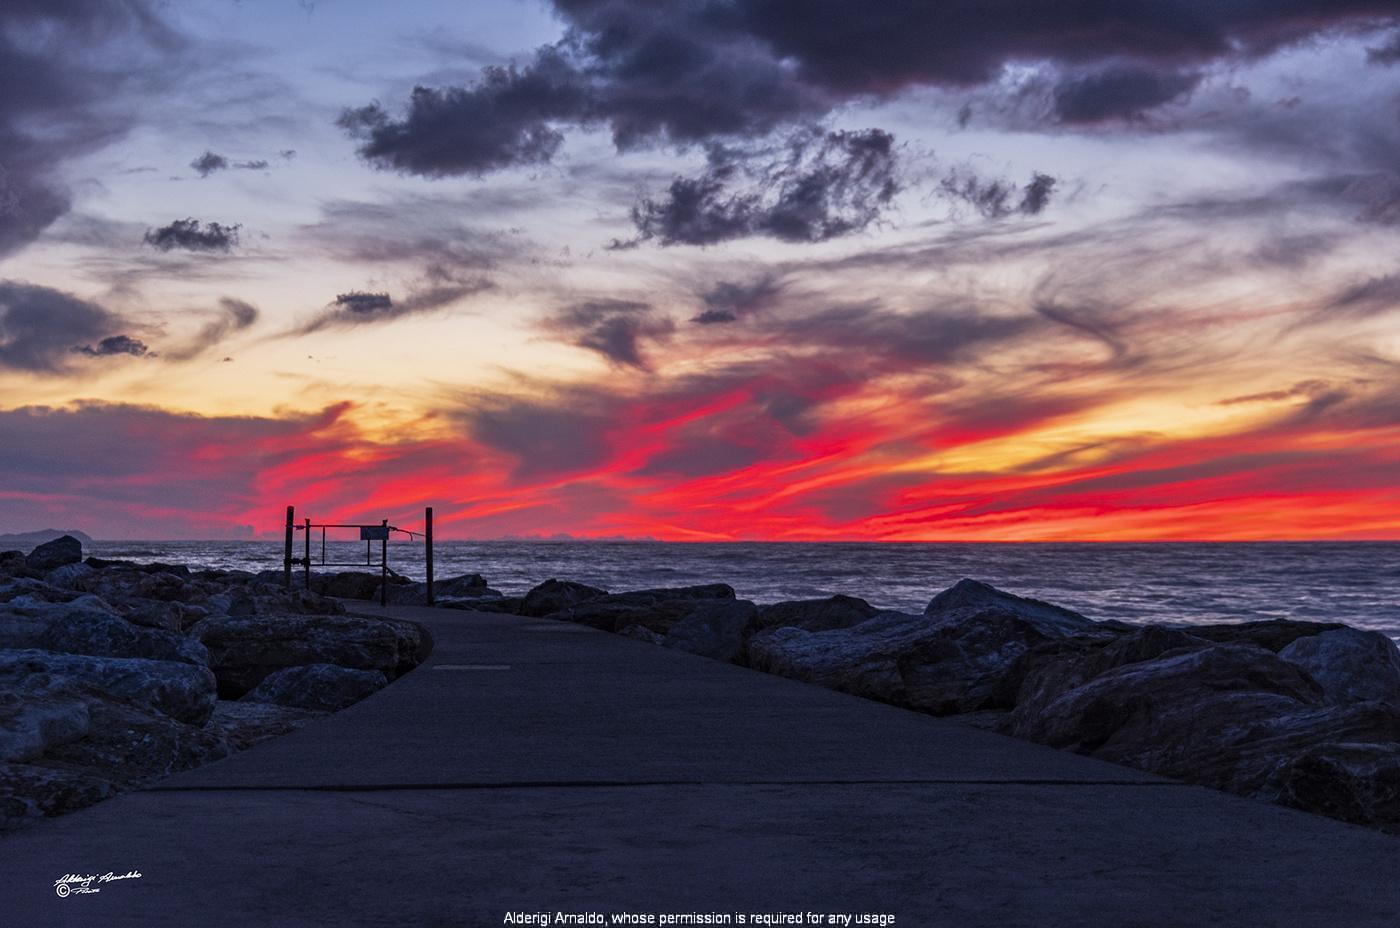 Alderigi Arnaldo Fotografo - SEA SUNSET - Photo Gallery